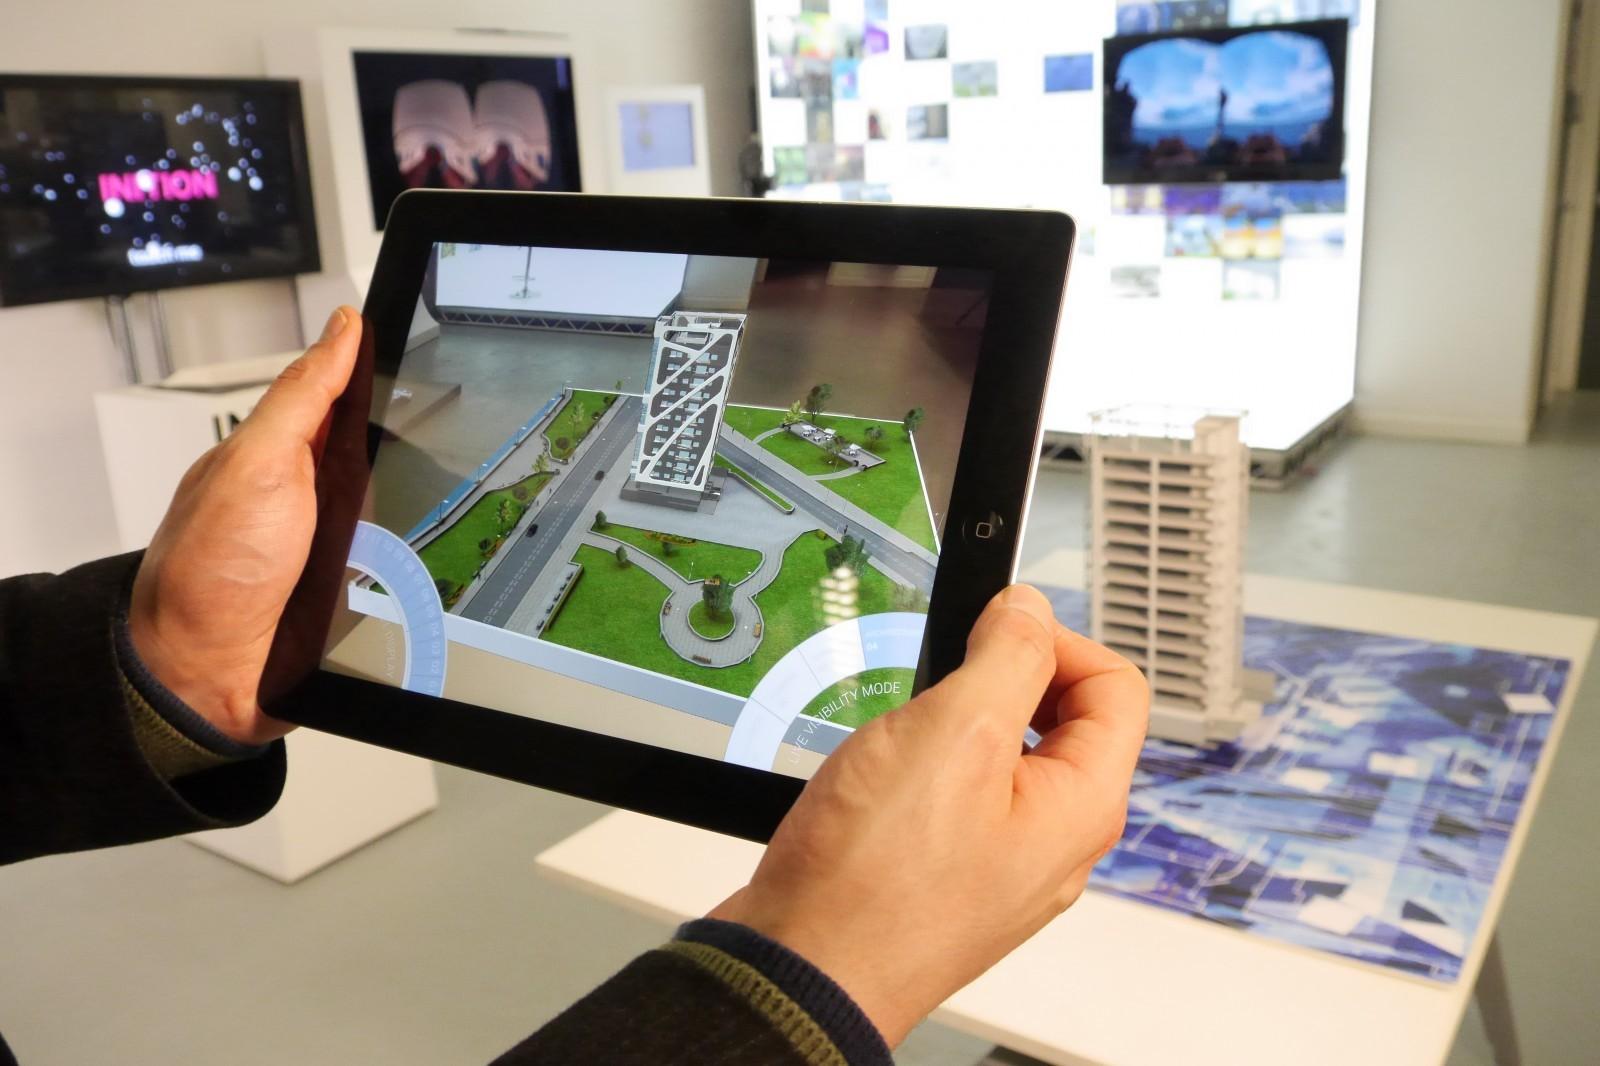 Вэбдизайн с использованием VR технологий